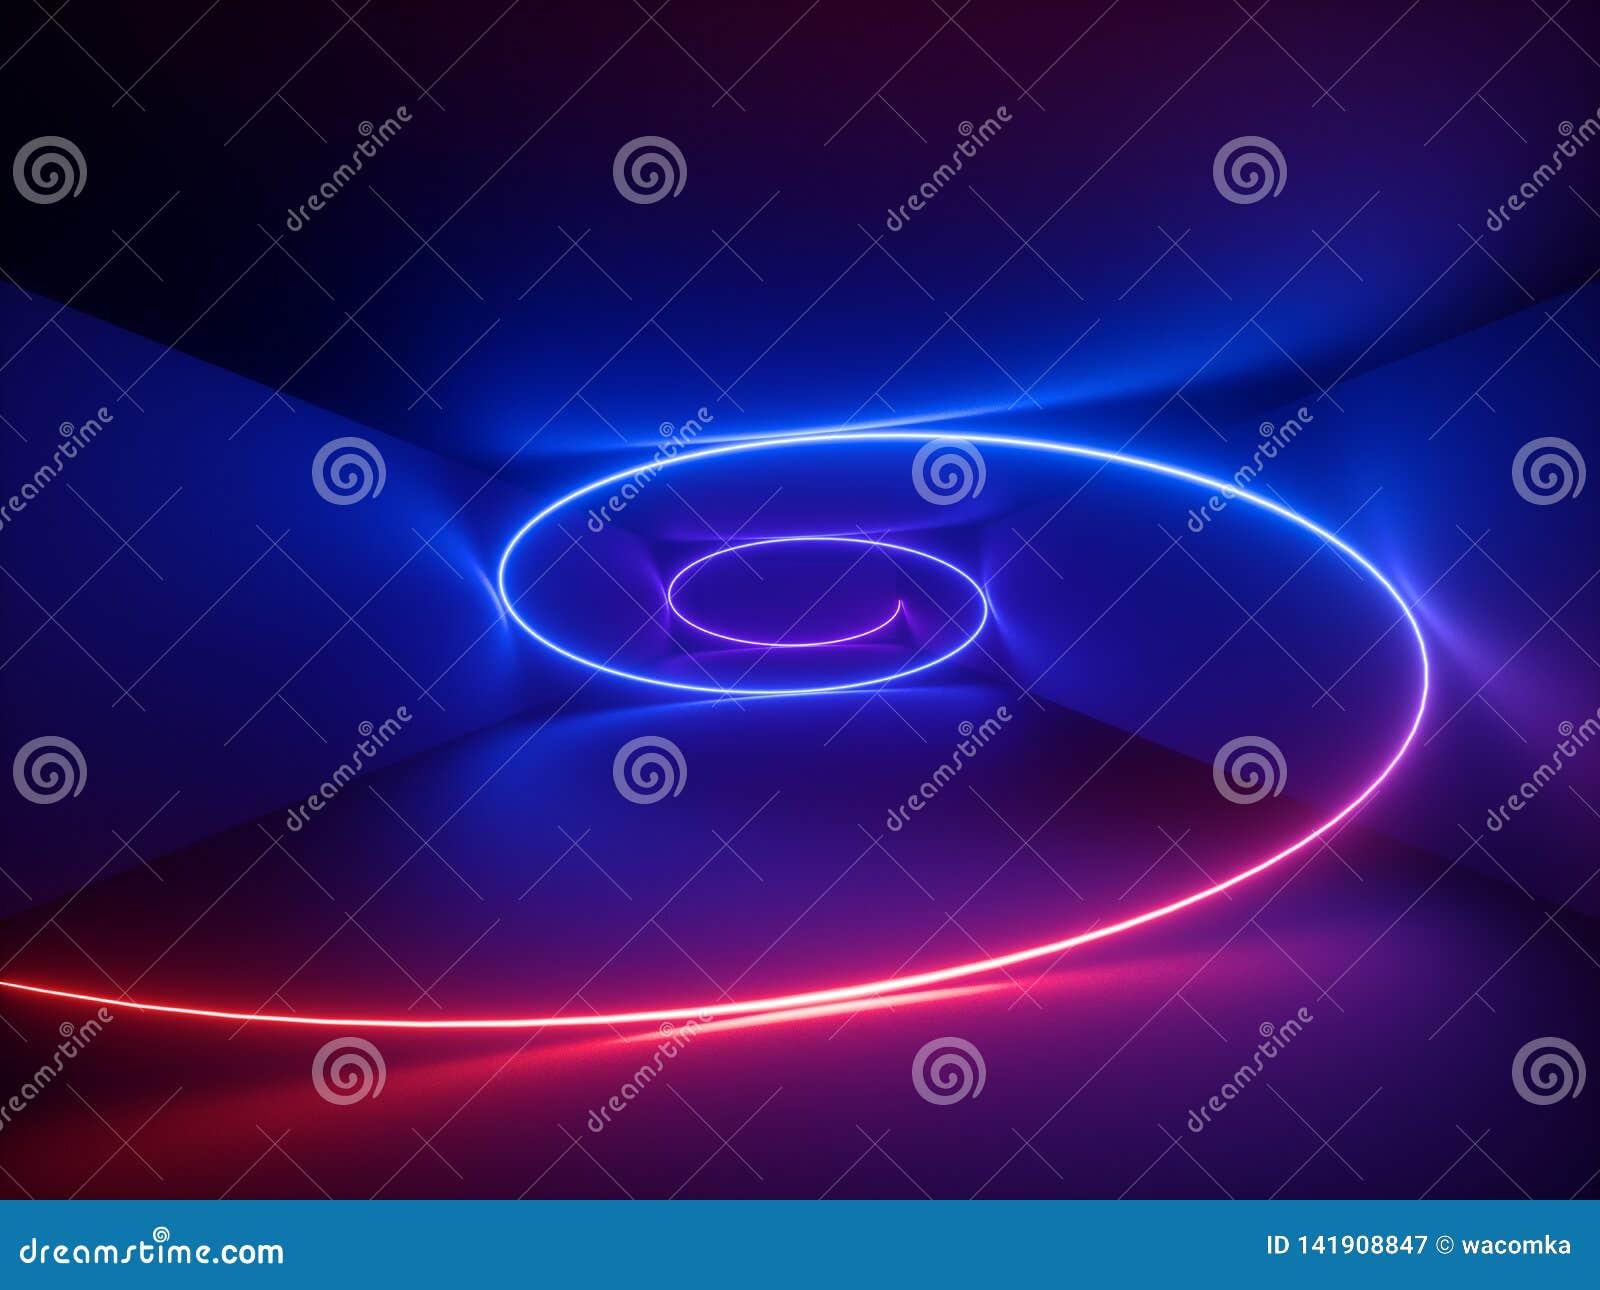 3d回报,红色蓝色霓虹螺旋,螺旋,抽象萤光背景,激光展示,夜总会内部光,发光弯曲